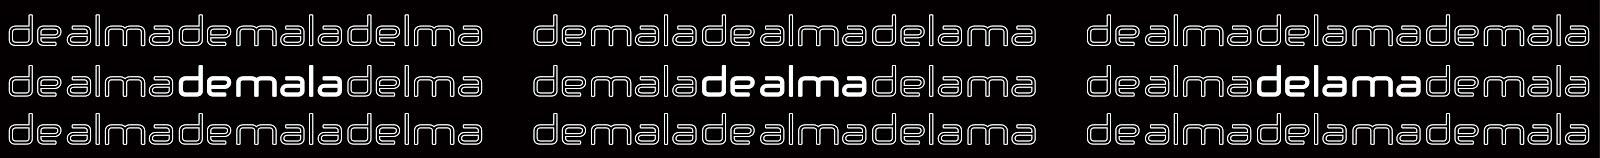 dealma